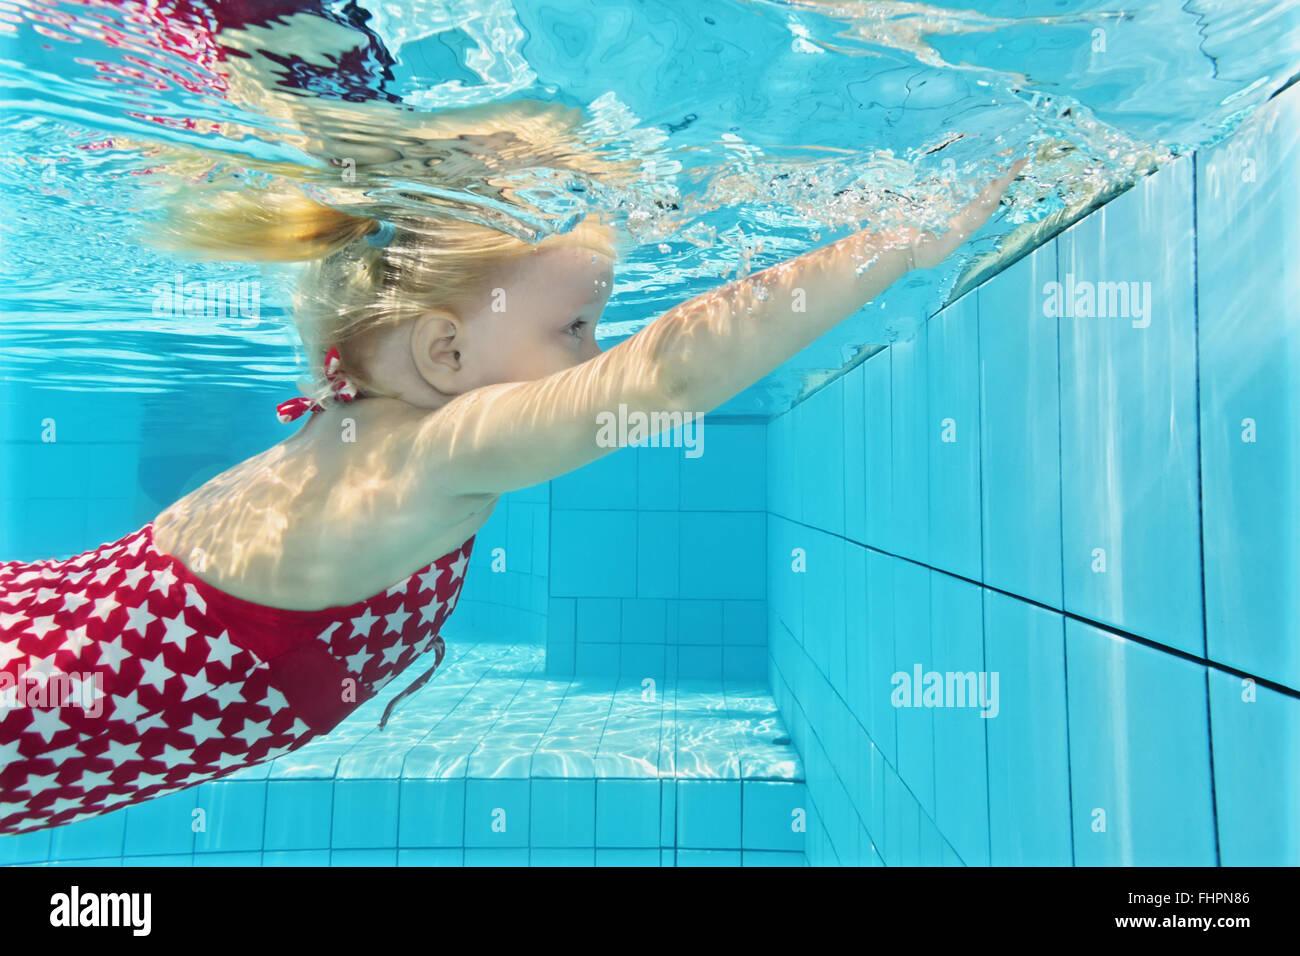 Leçon de natation enfant - fille apprendre à plonger sous l'eau à la piscine. Photo Stock